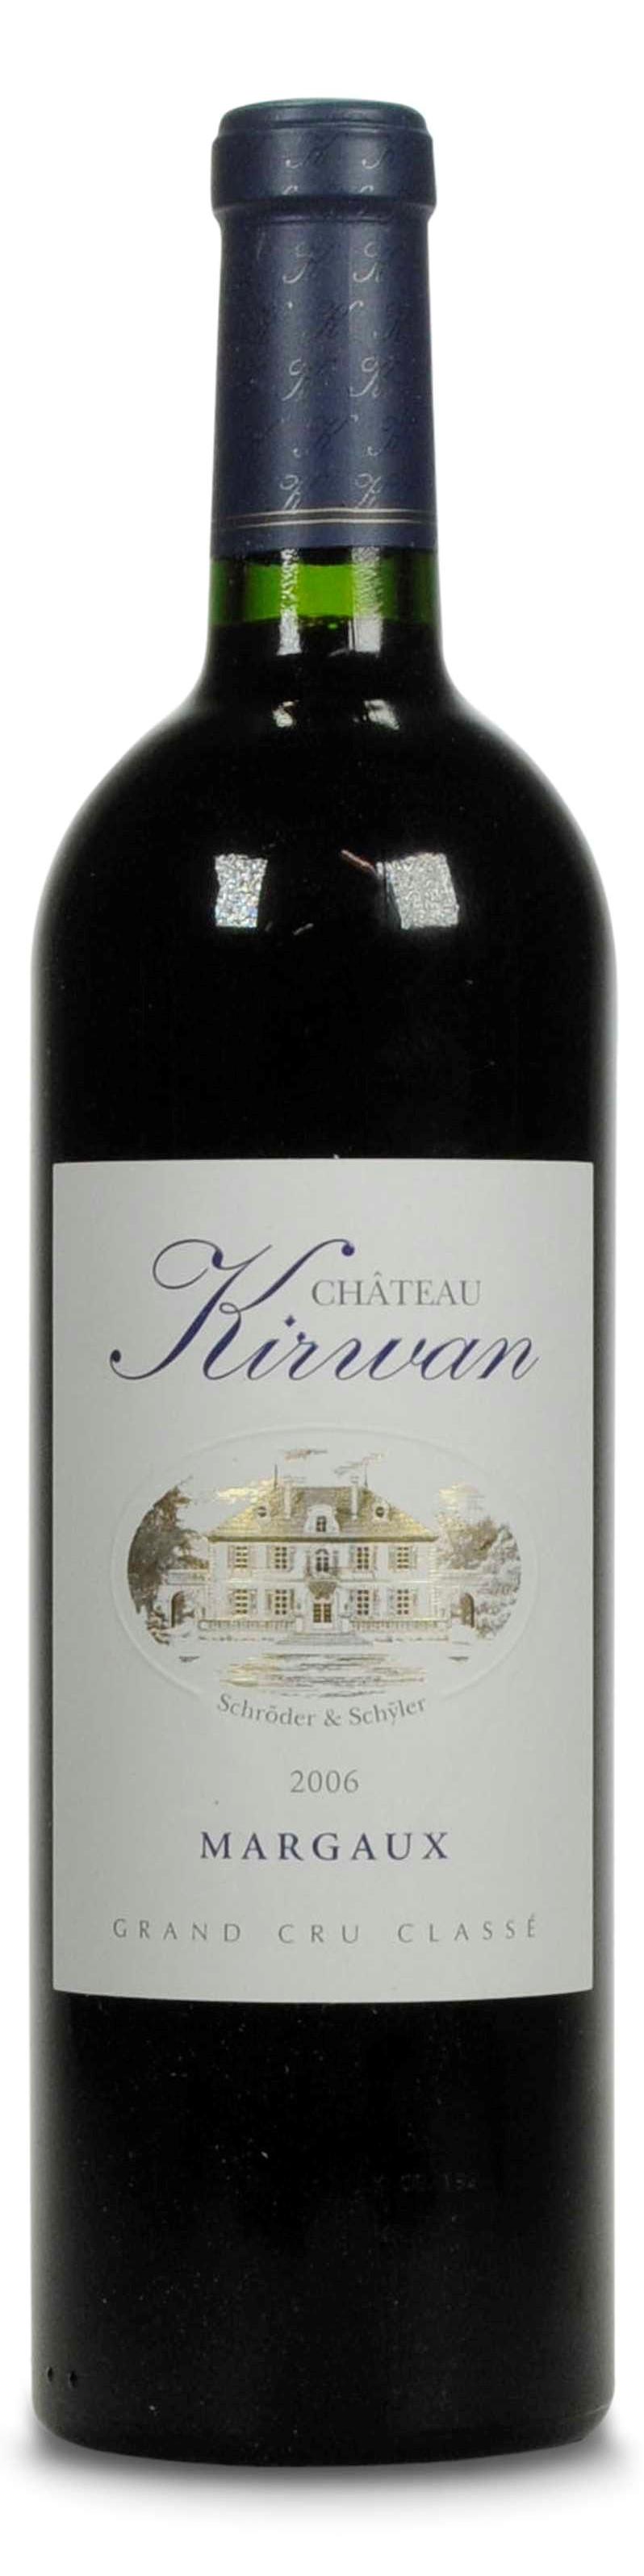 Château Kirwan Grand Cru Classé Margaux